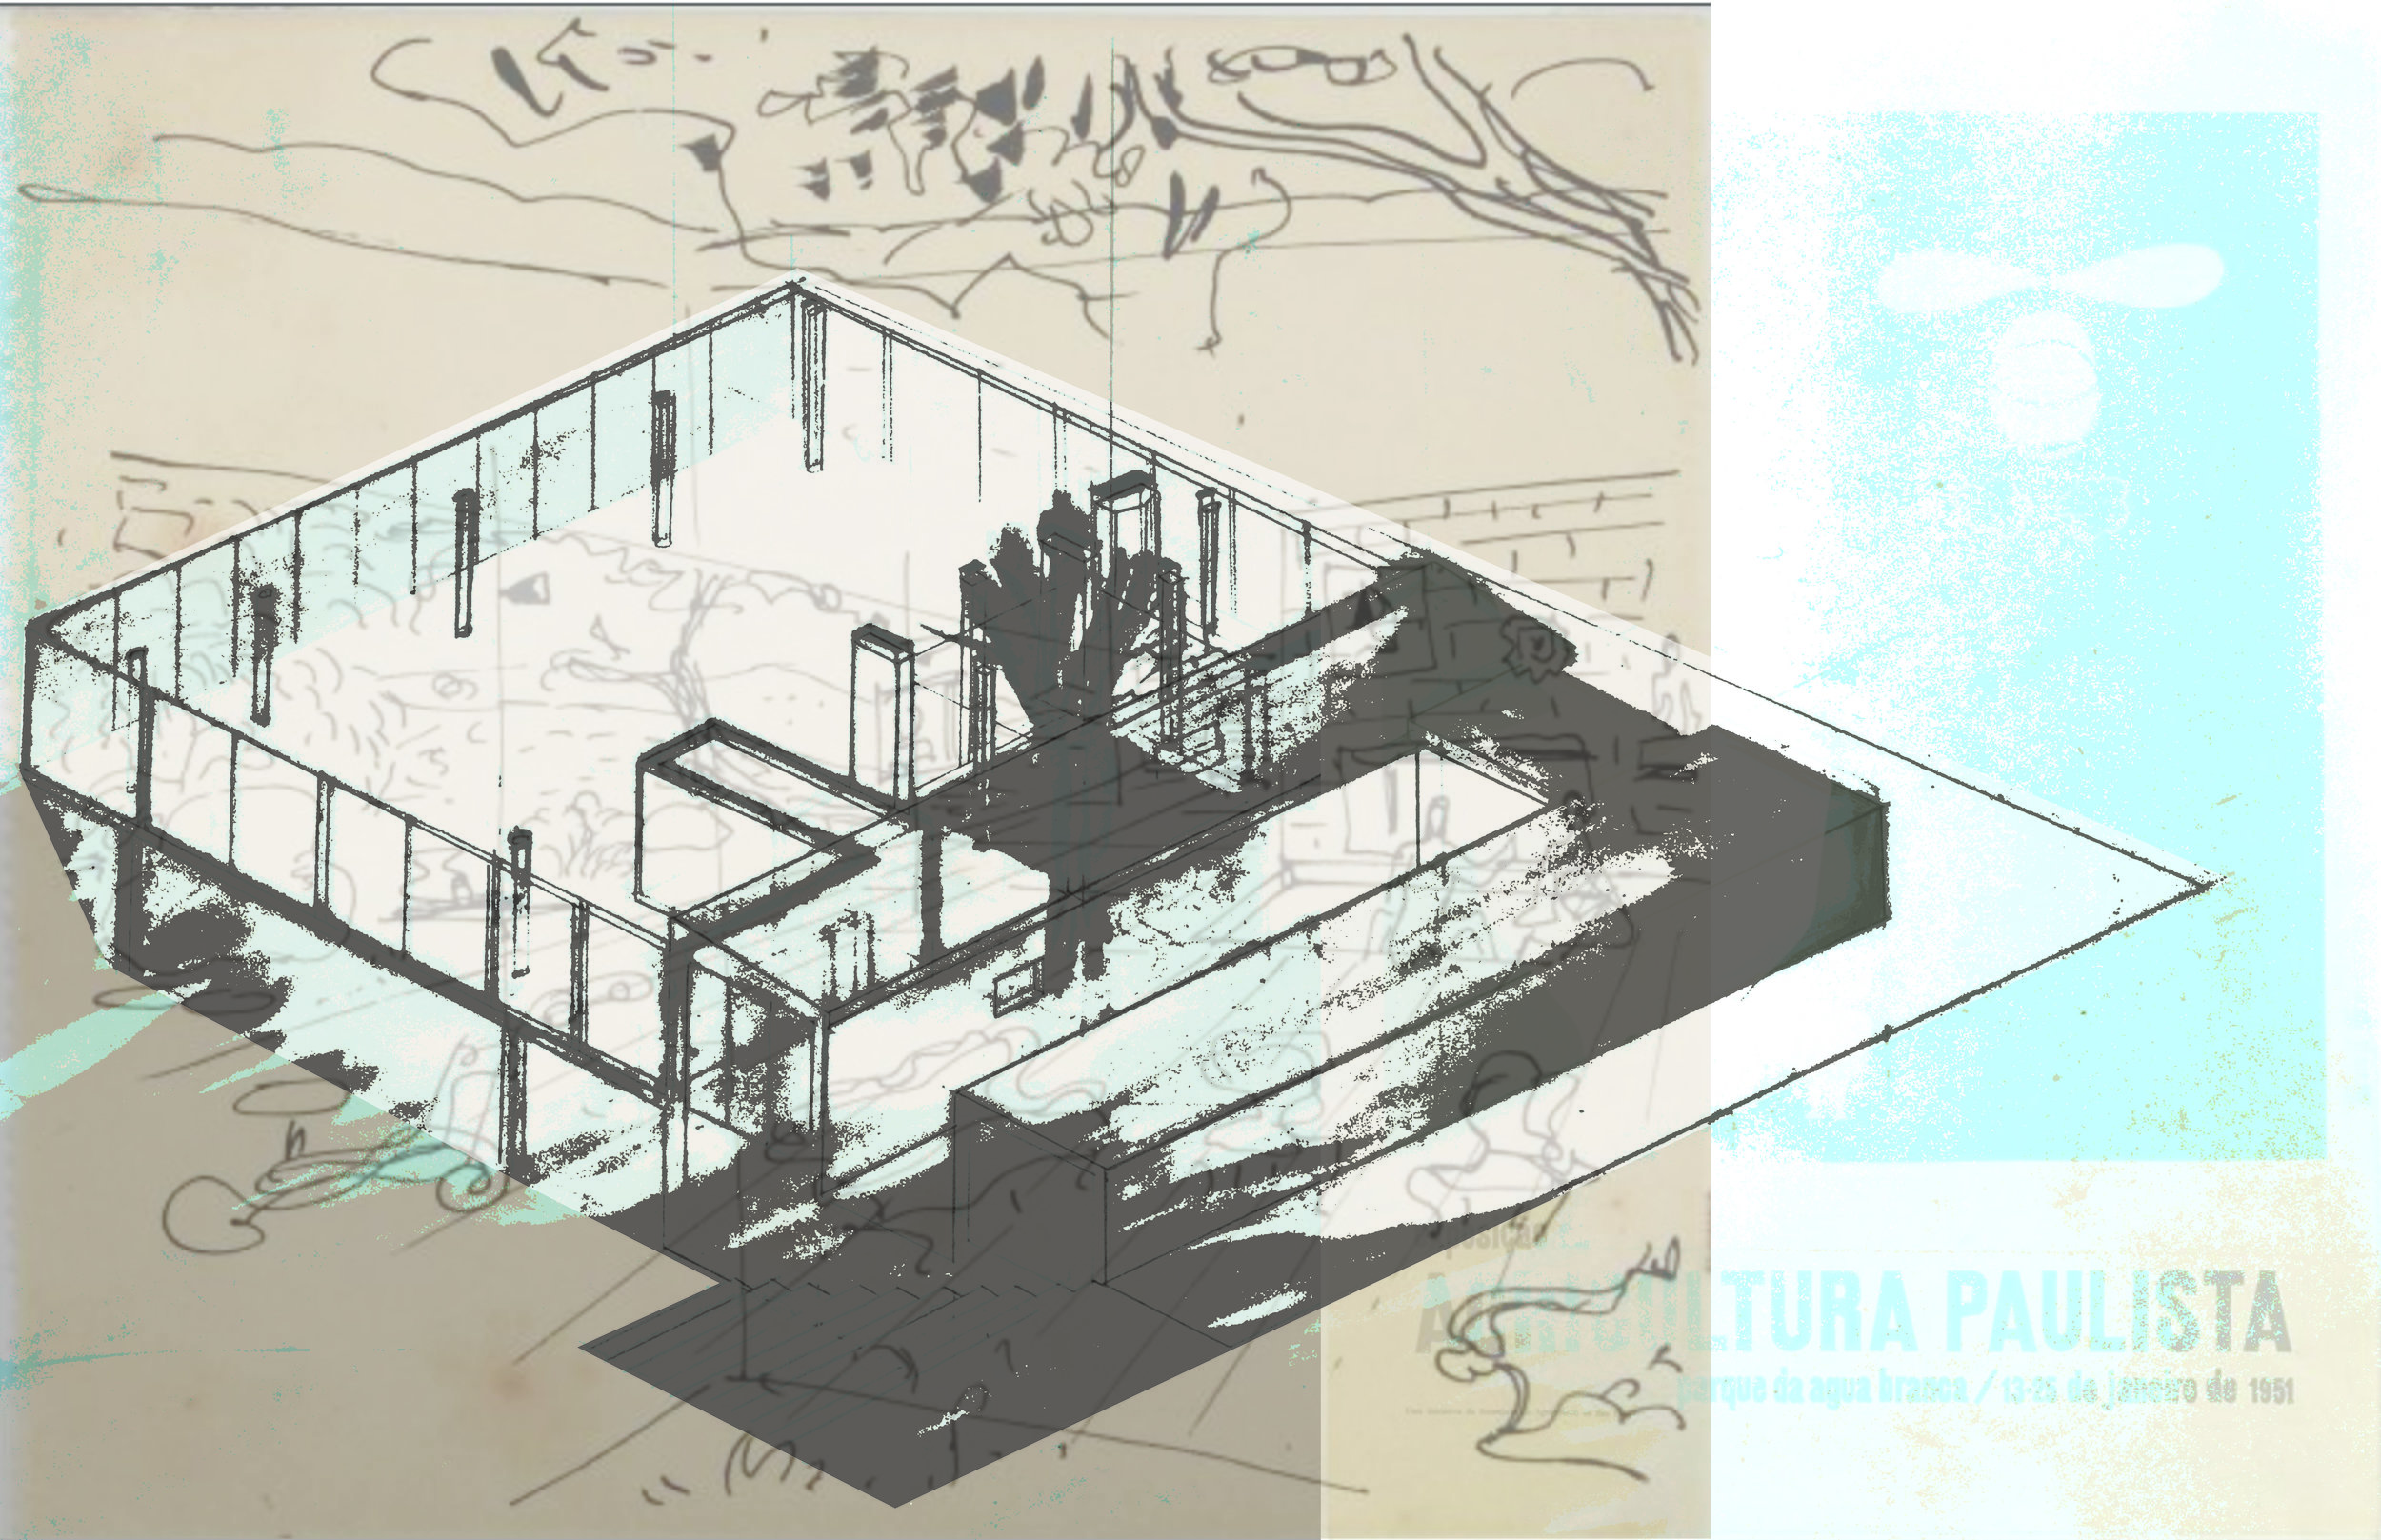 Lina Bo Bardi Collage2 - Illustration.jpg